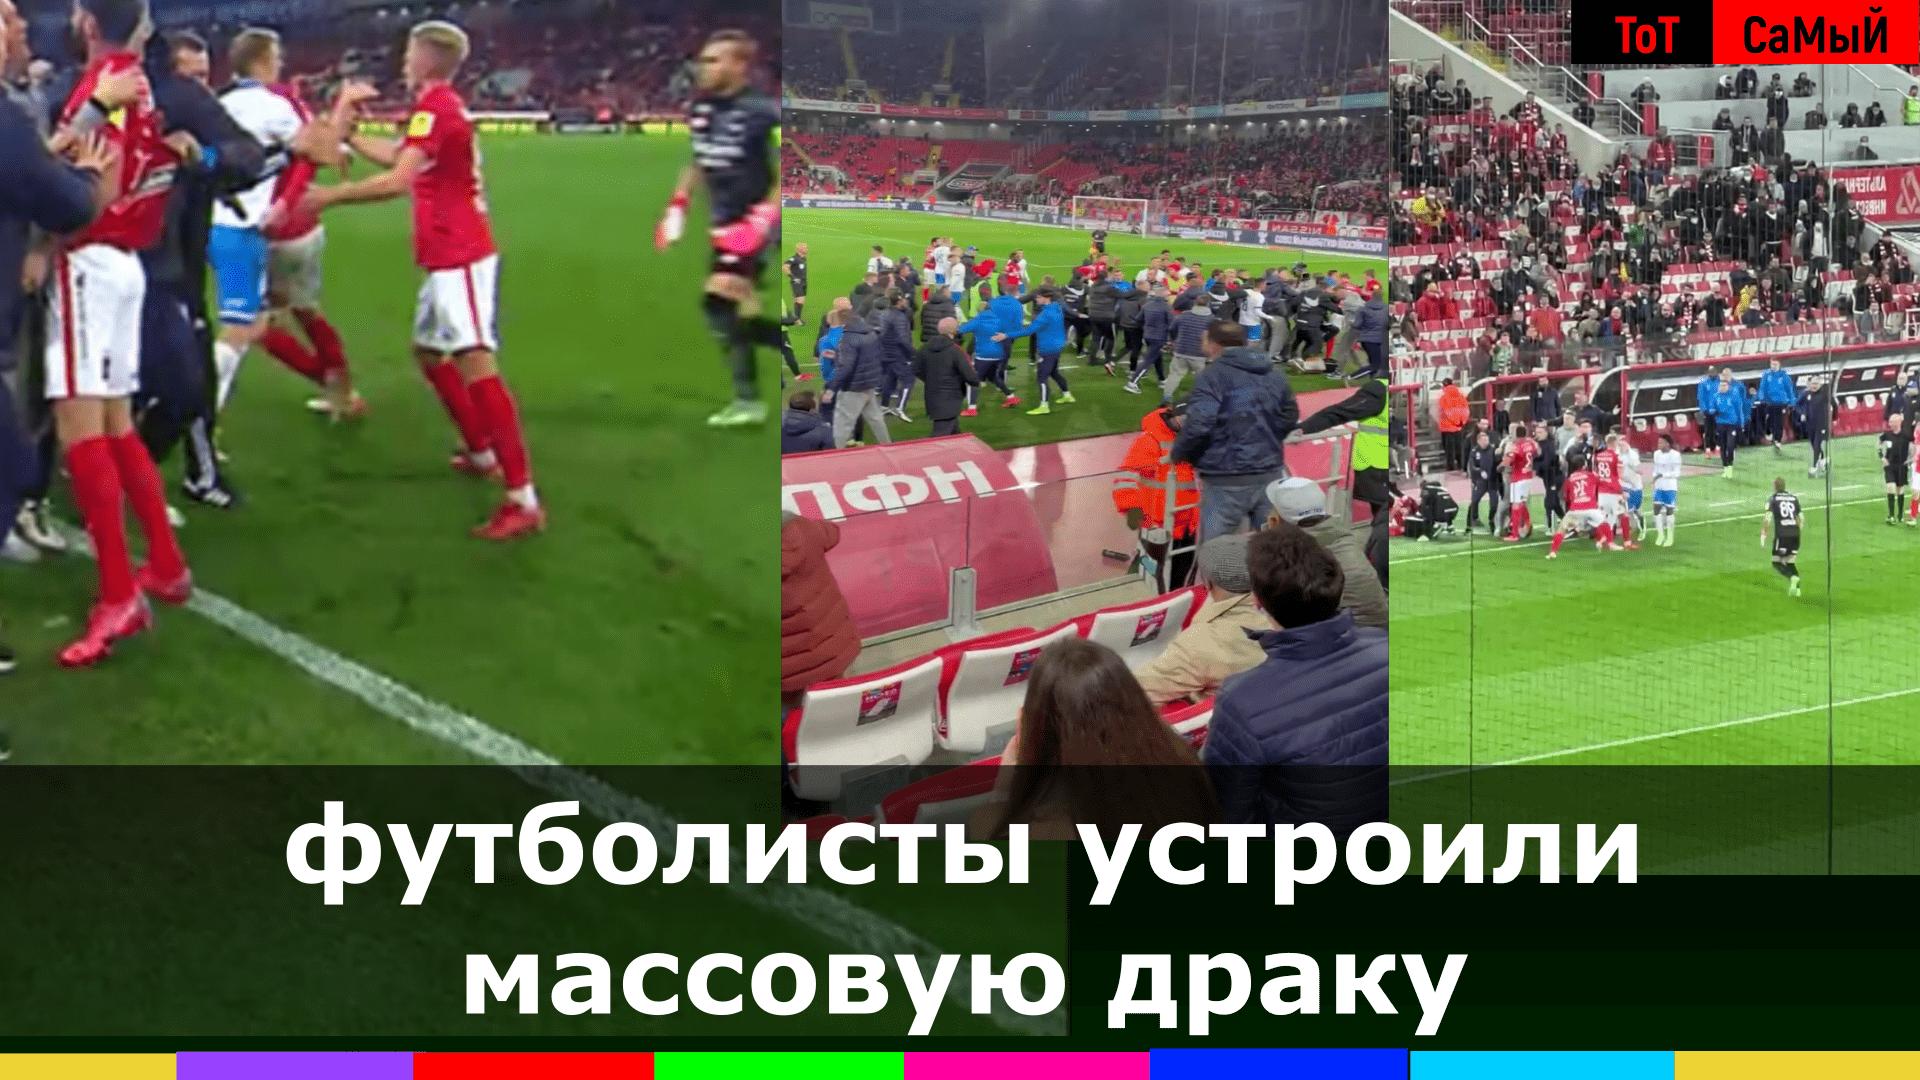 Спартак — Динамо, футболисты устроили массовую потасовку